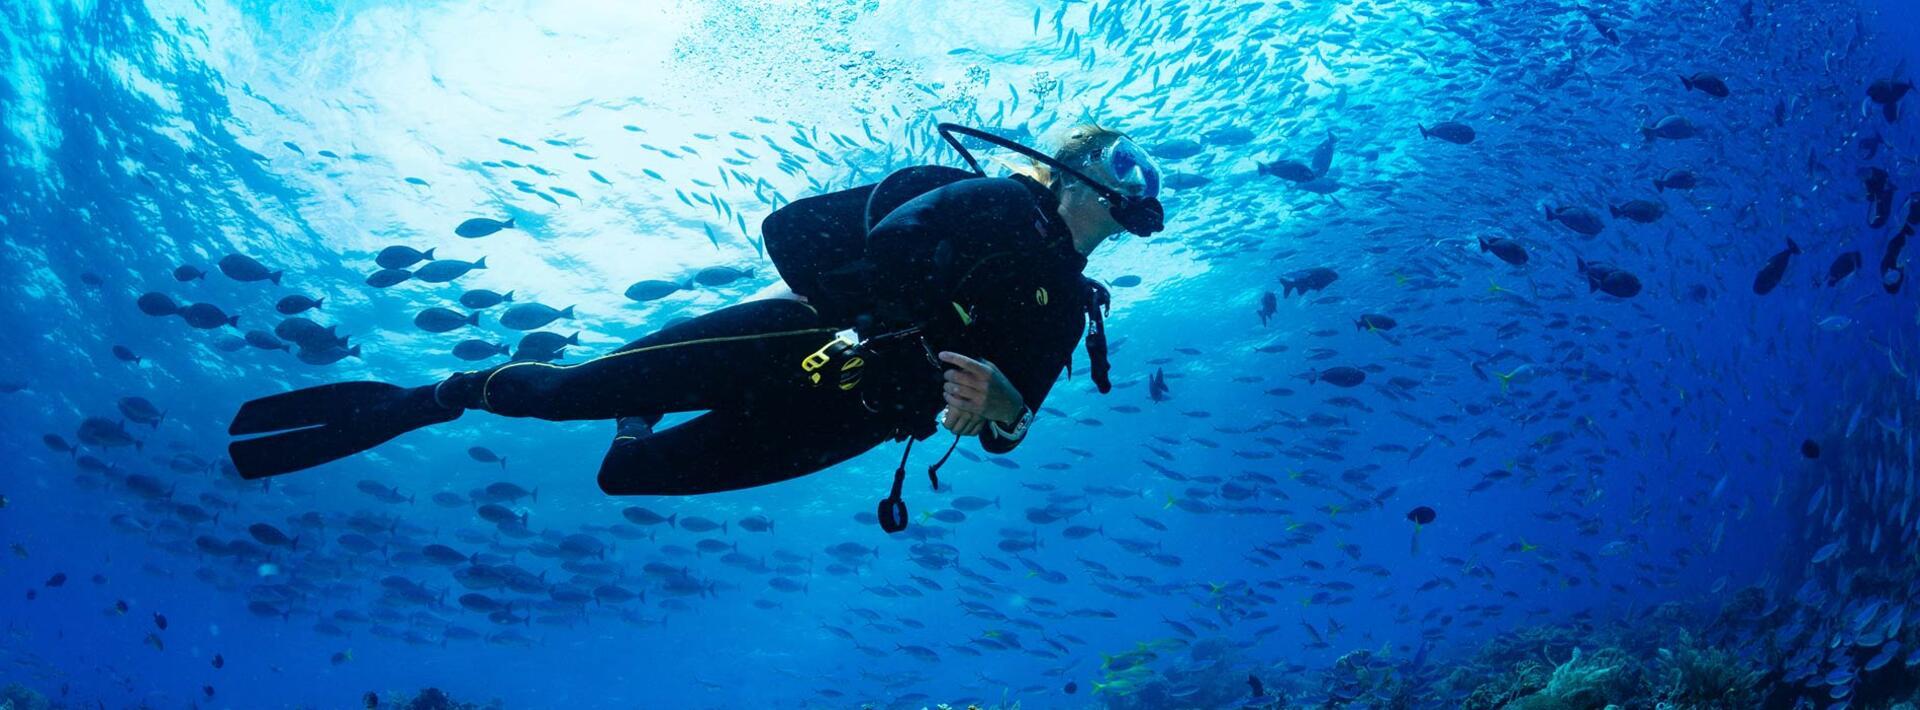 villaggioilgabbiano de diving-calabria 011